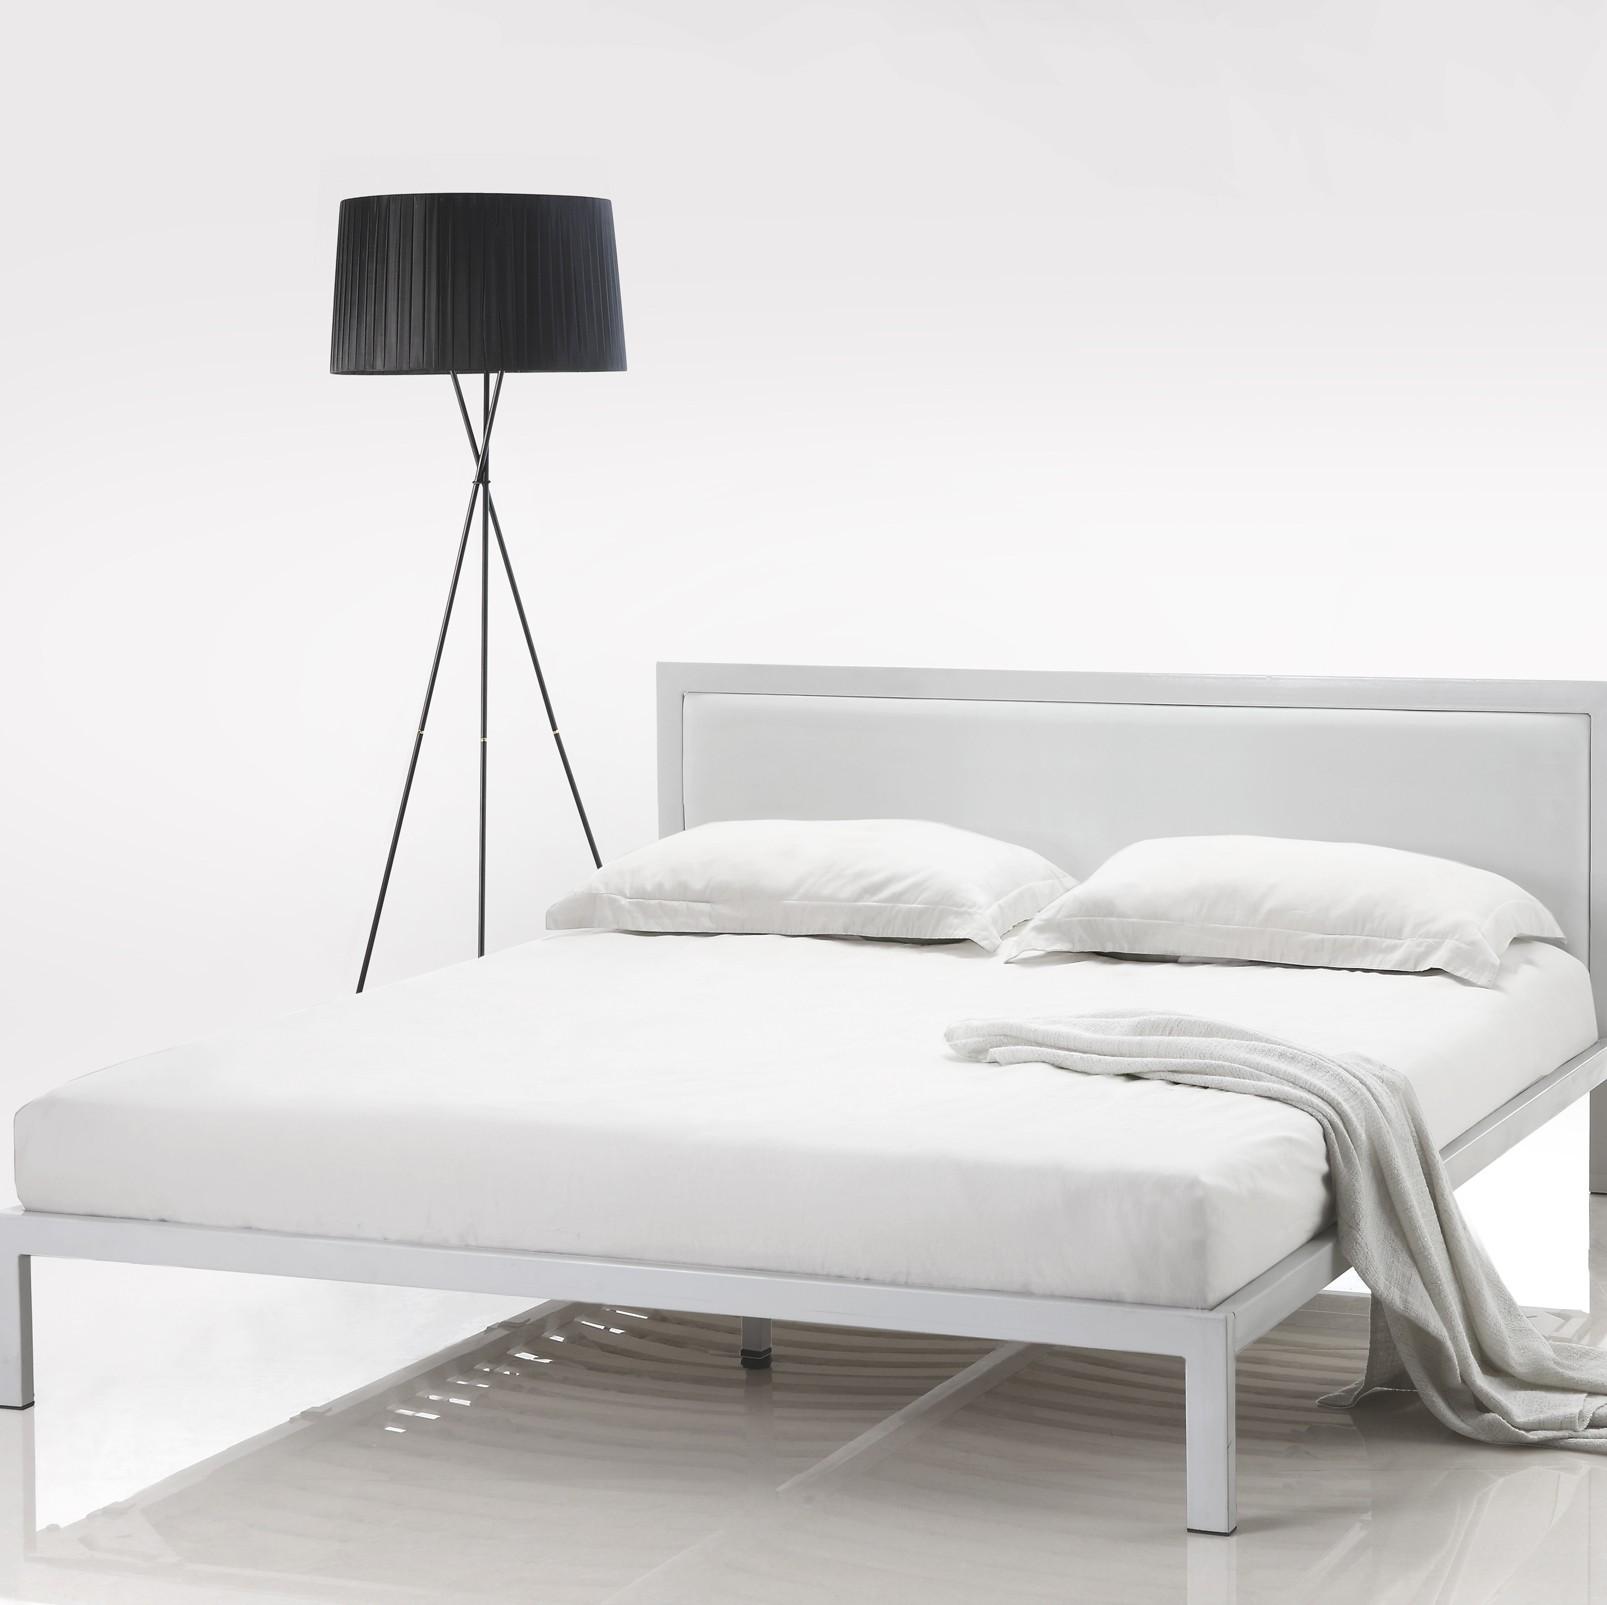 housse de couette zipp e santorin 240x220 cm housse de couette zipp e mawira. Black Bedroom Furniture Sets. Home Design Ideas